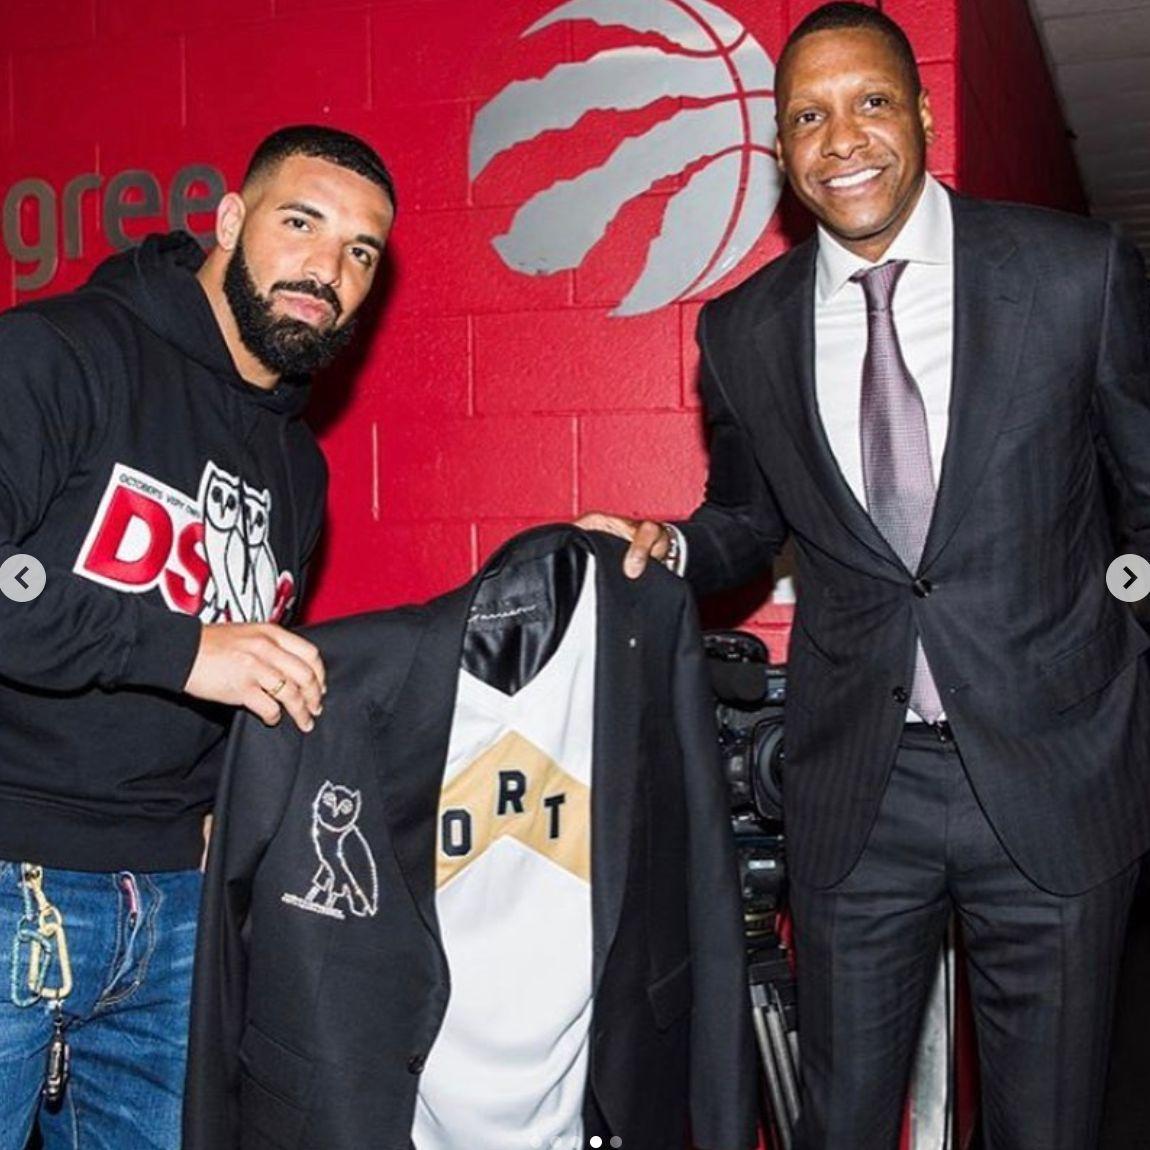 Toronto Designer Gifts Drake $769K Diamond Jacket At Raptors